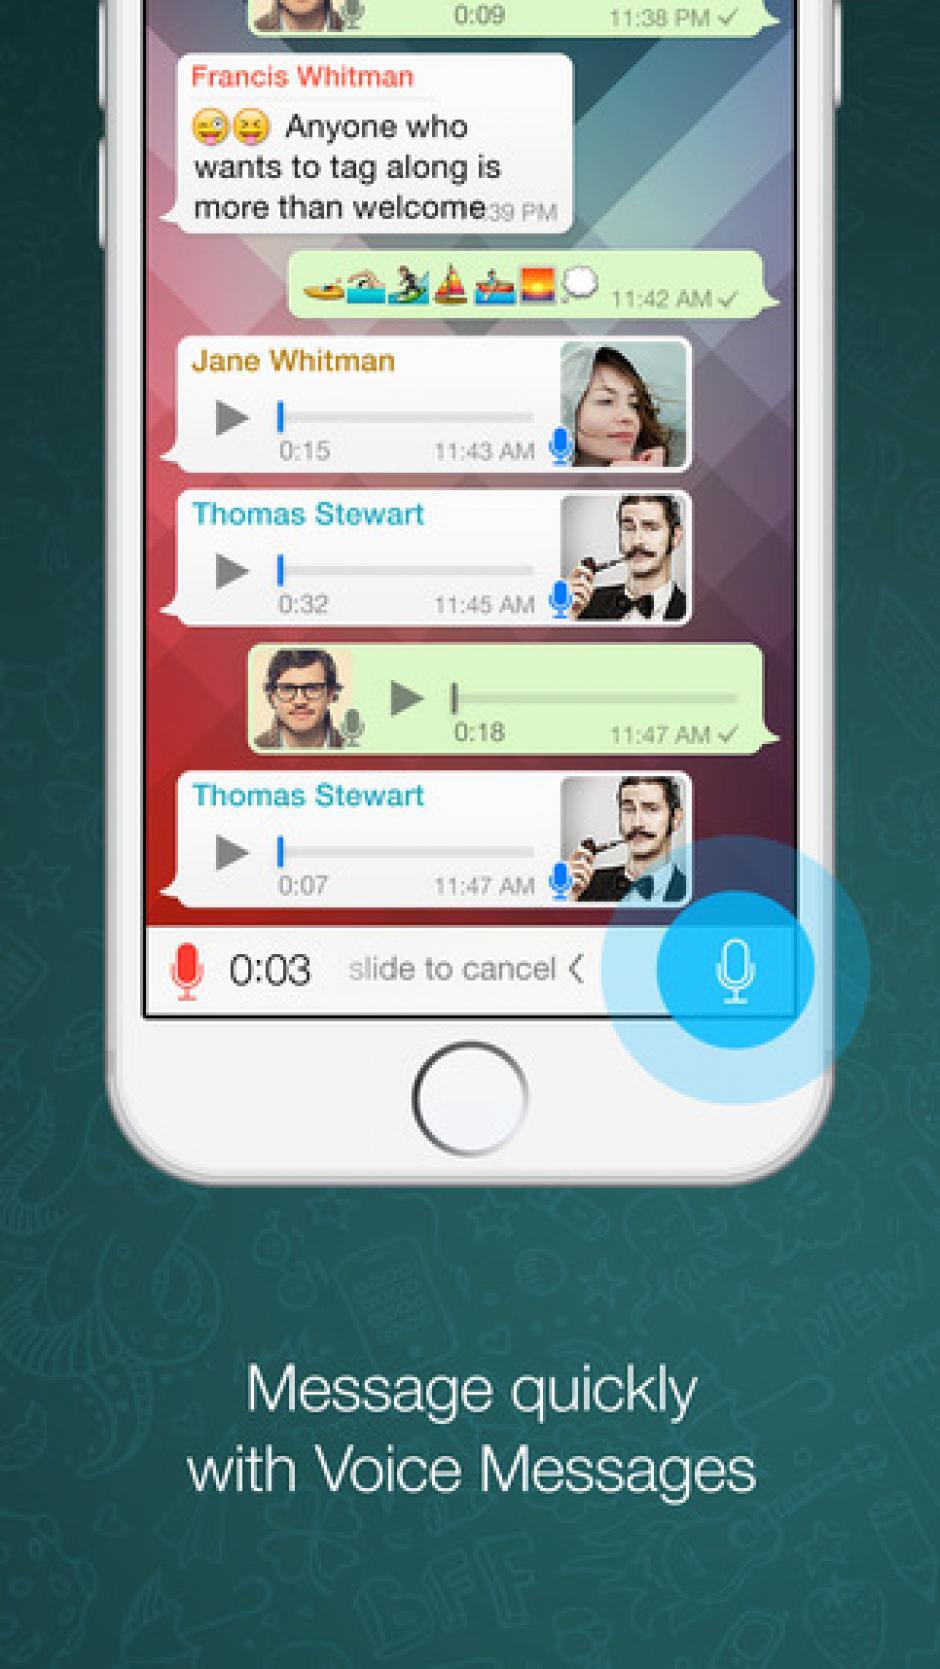 DesdeWhatsApp puedes enviar mensajes de voz.(Foto: WhatsApp)